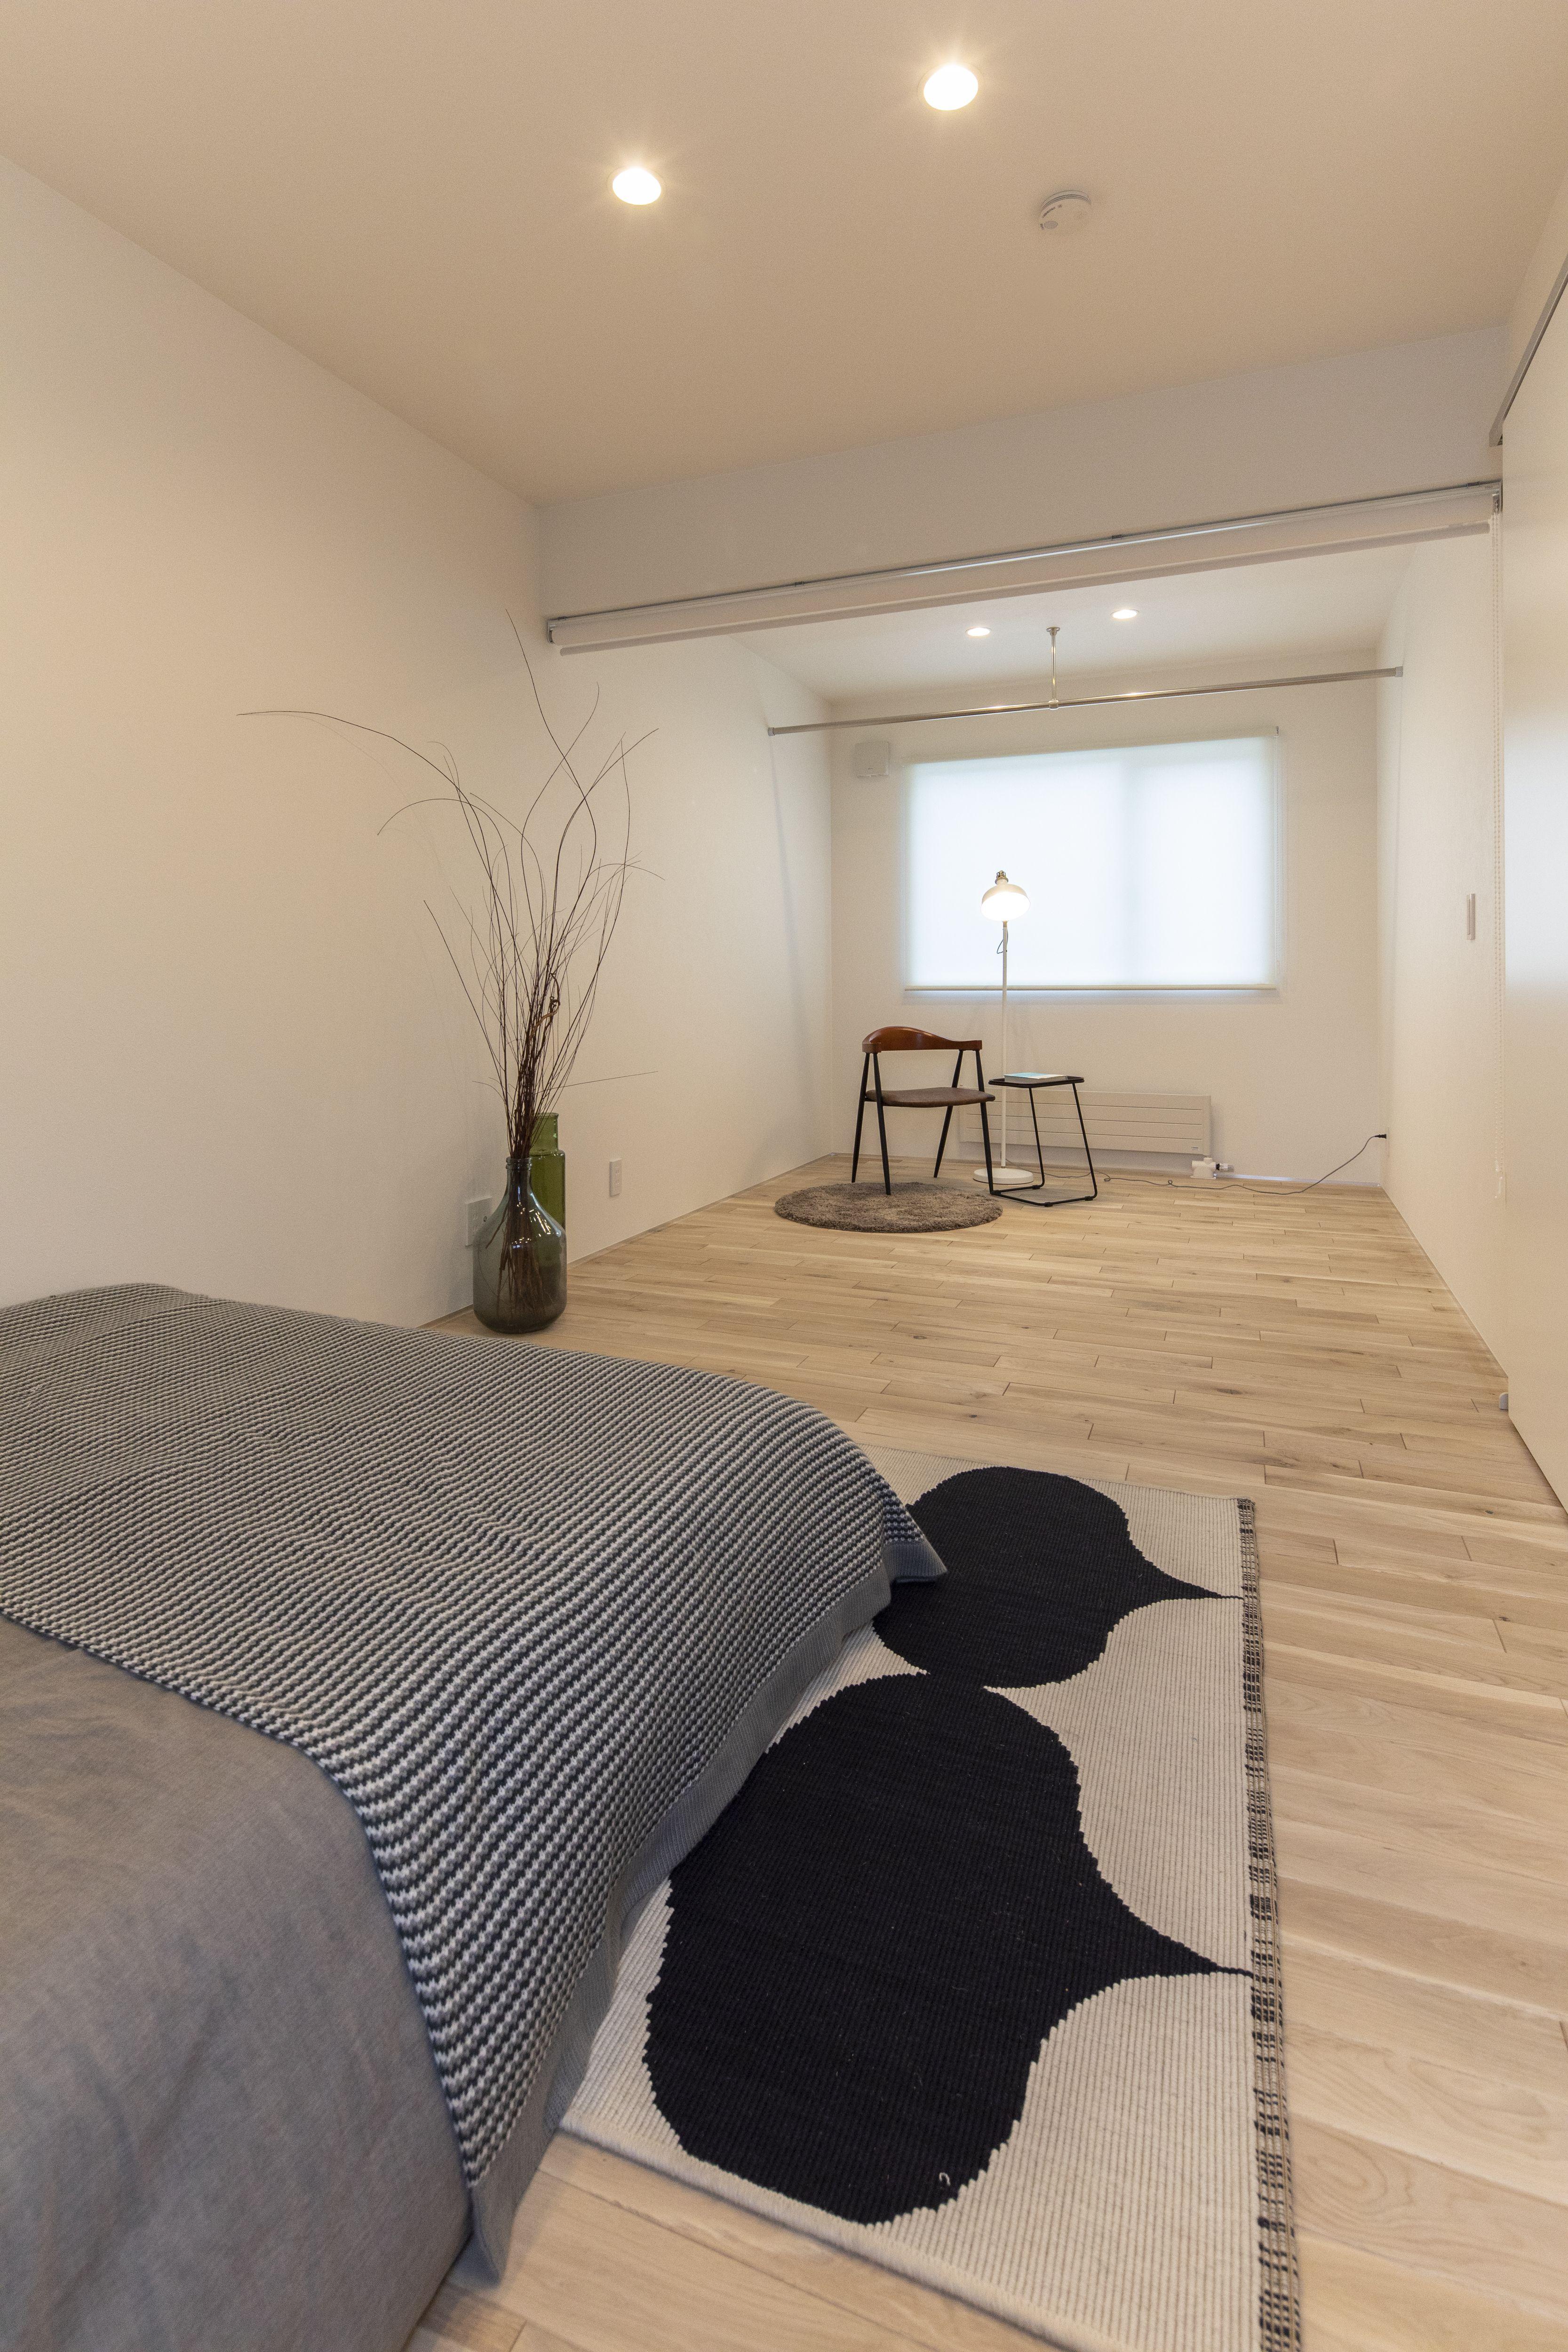 広めの寝室は ベッドを置いてもゆとりのスペースが あるのが嬉しい